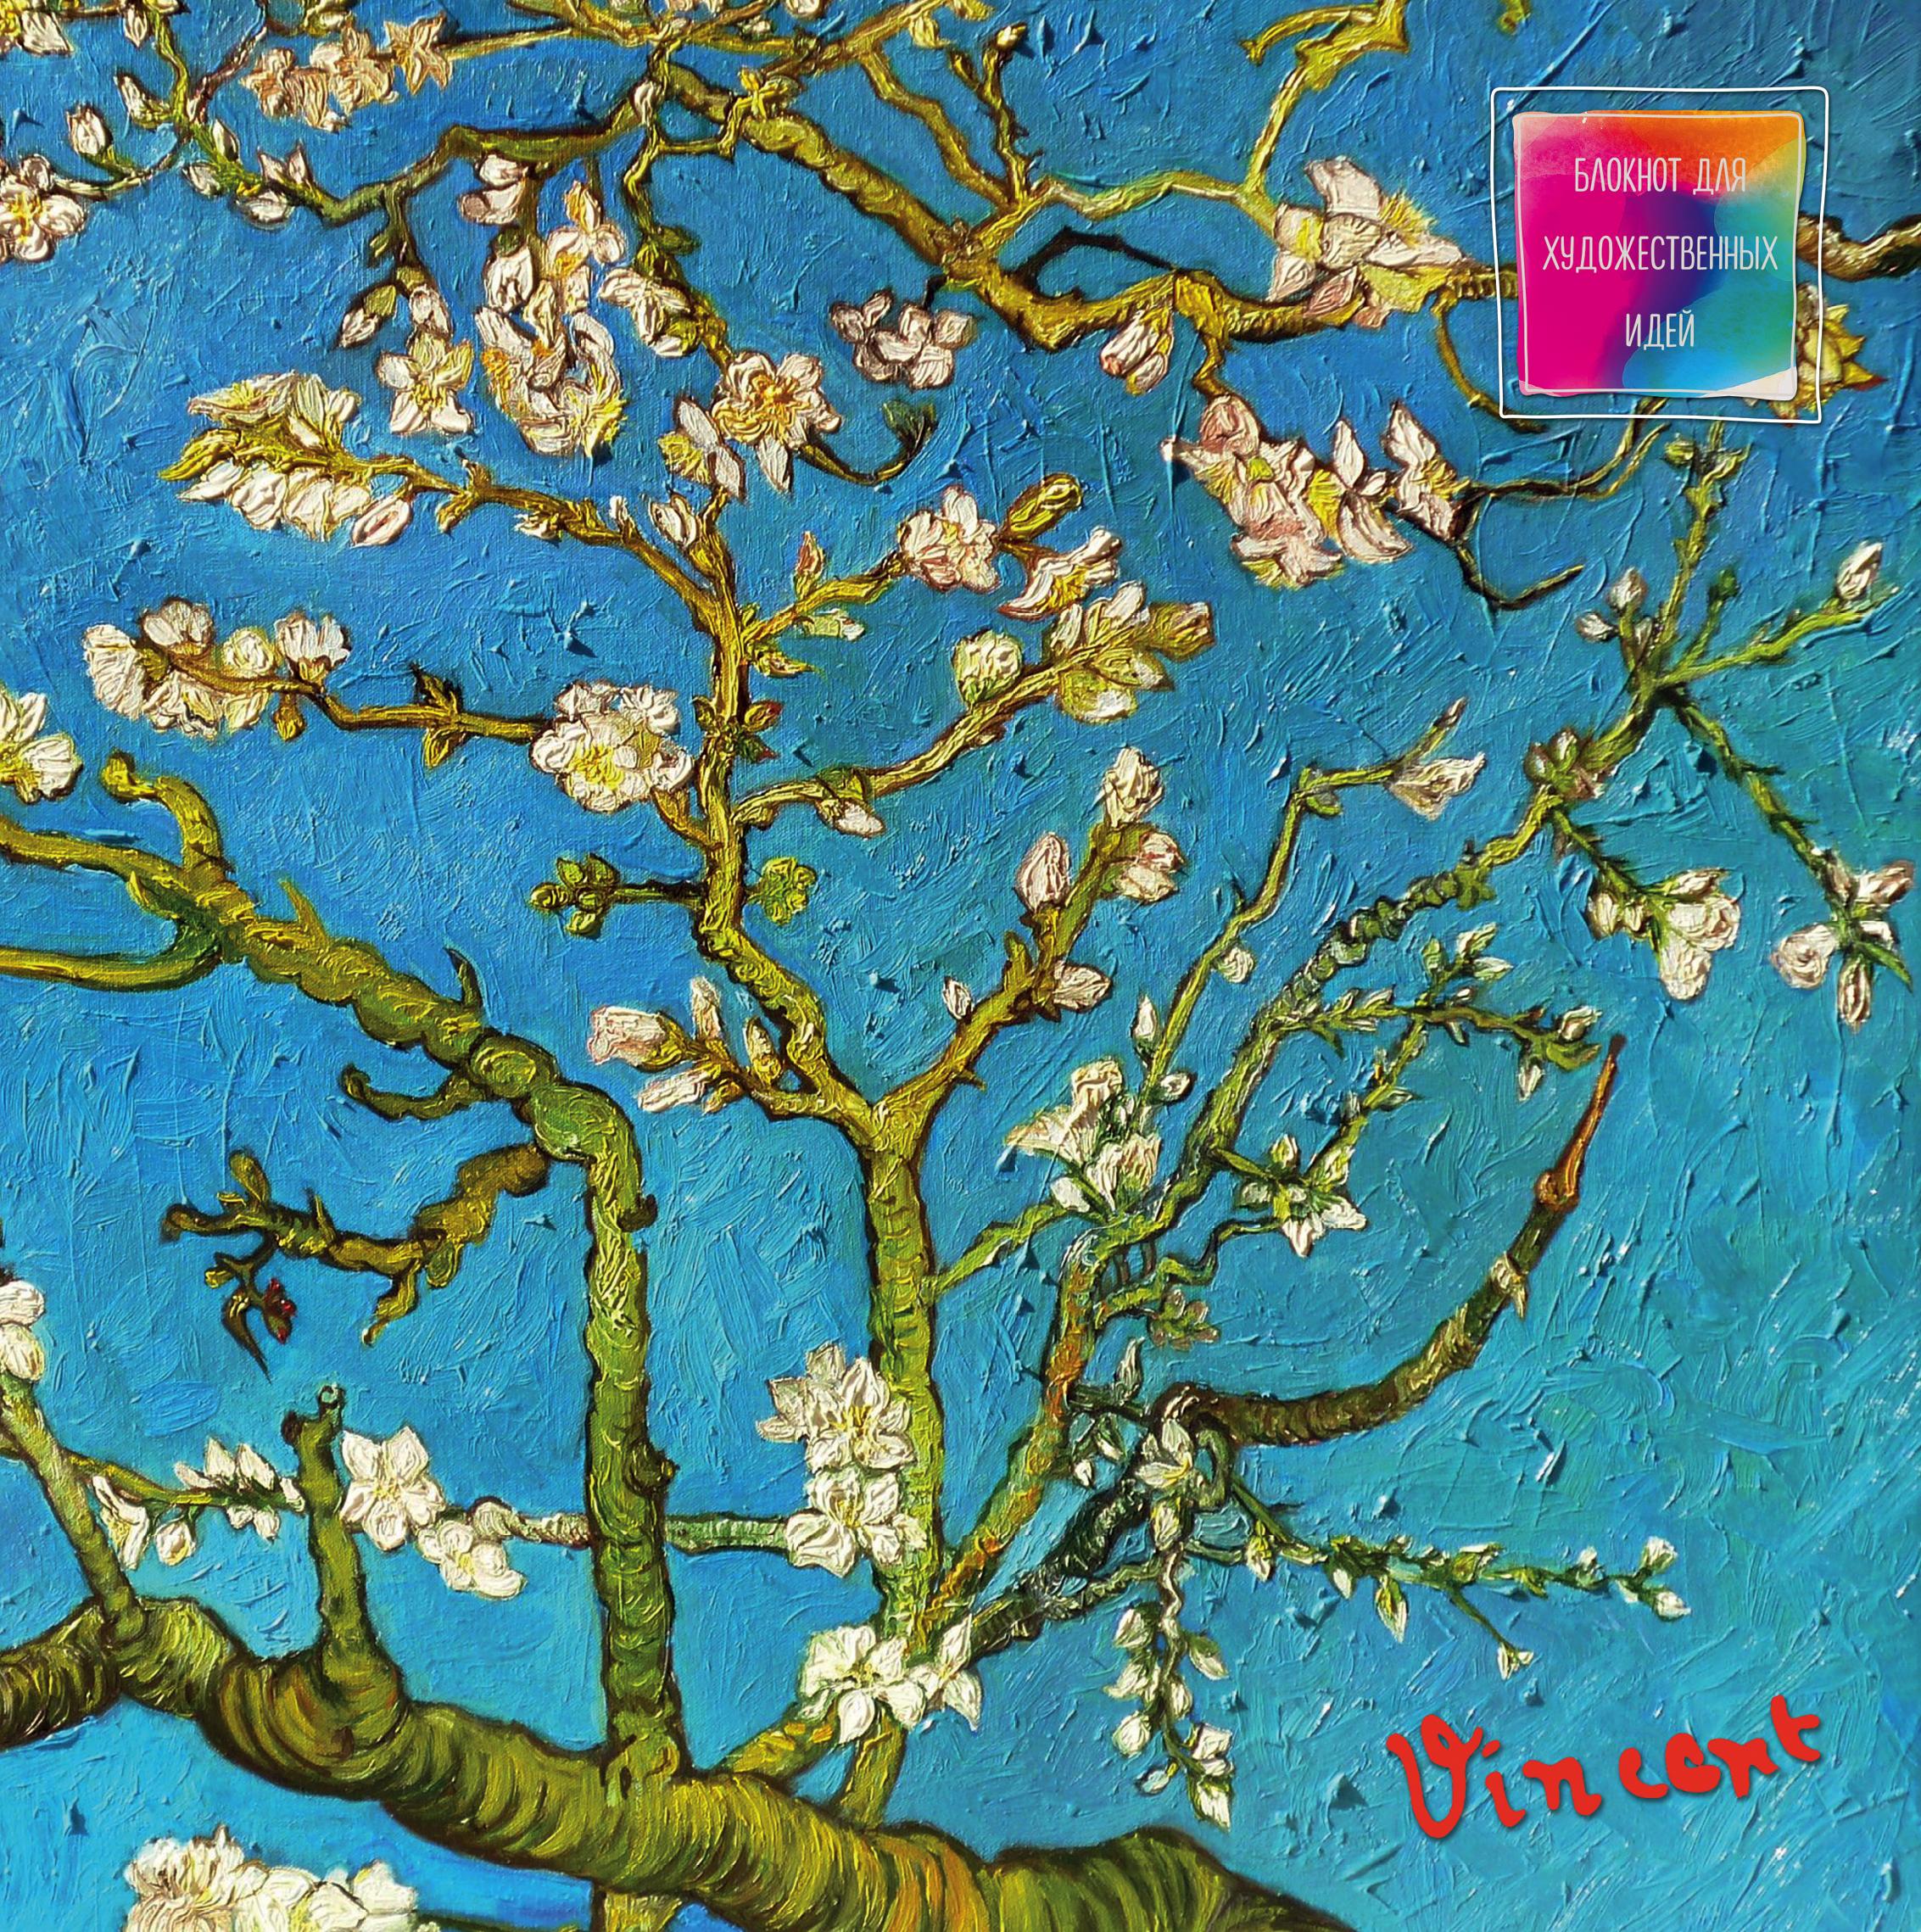 Ван Гог. Цветущие ветки миндаля. Блокнот для художественных идей наборы для рисования molly набор для рисования ван гог цветущие маки и ромашки